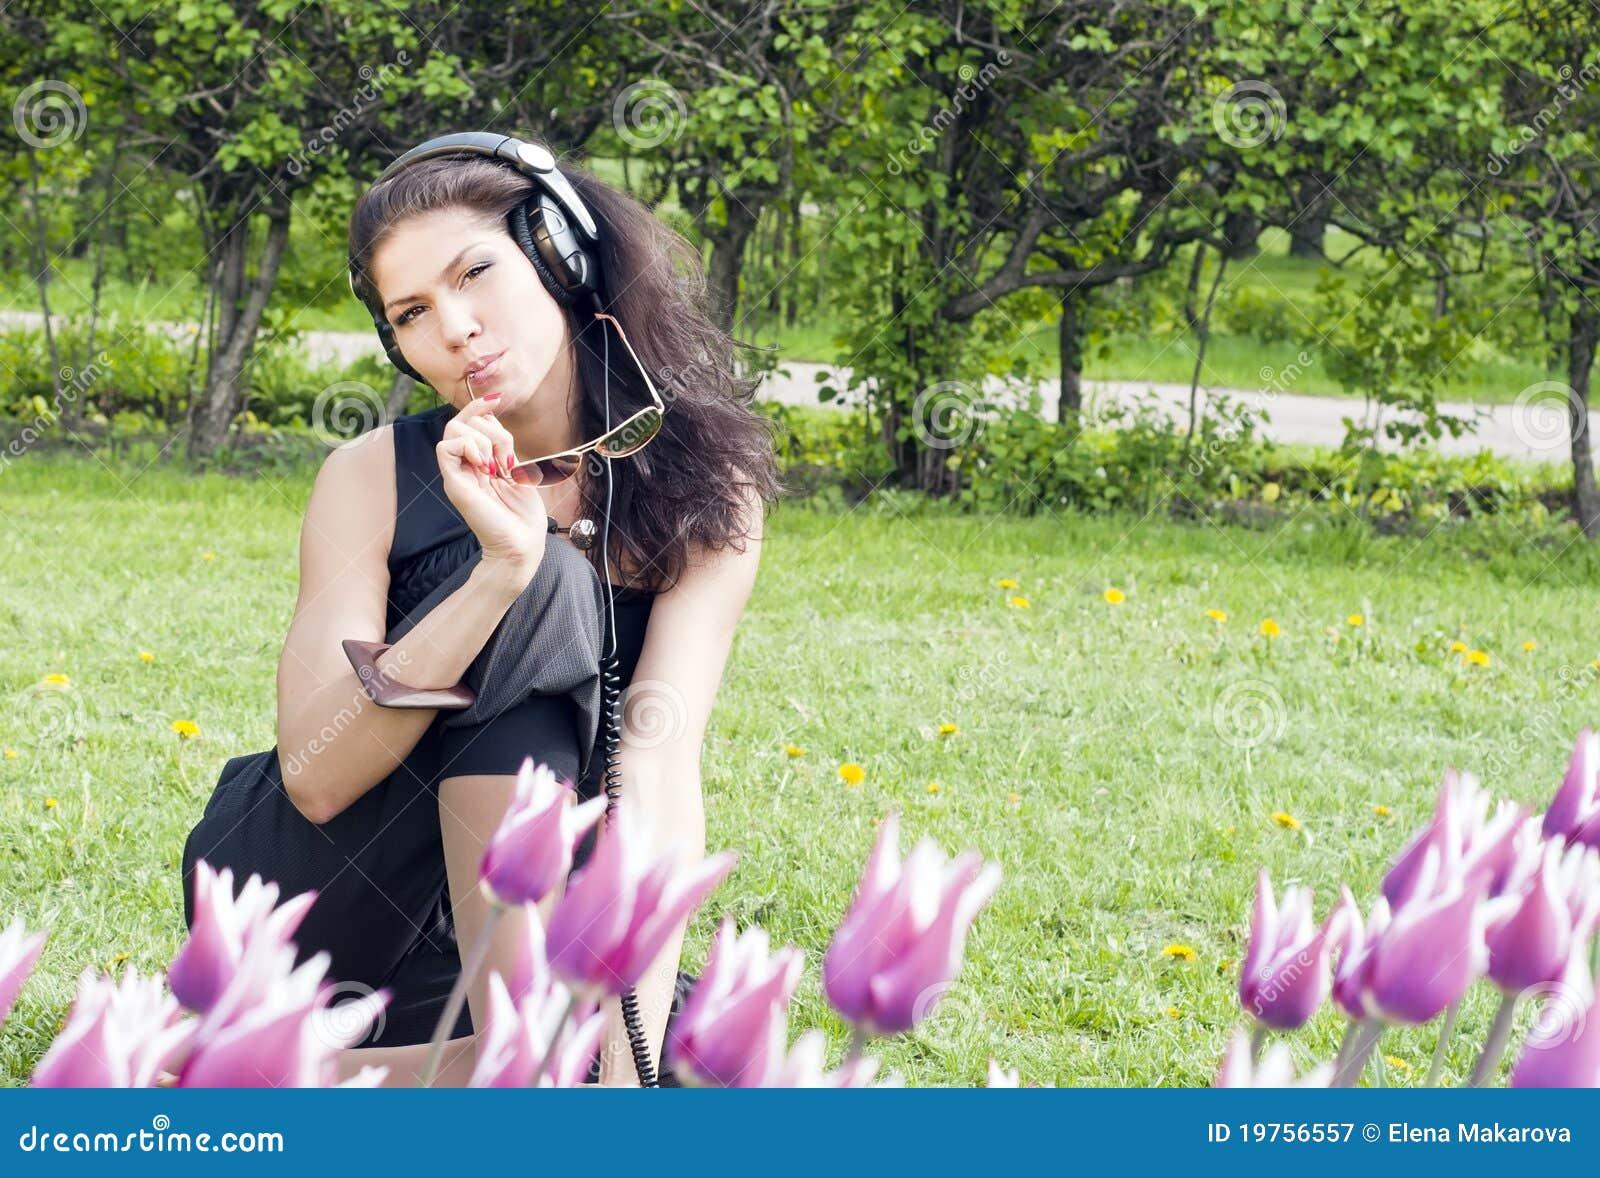 Brunette beauty dildoing in the grass